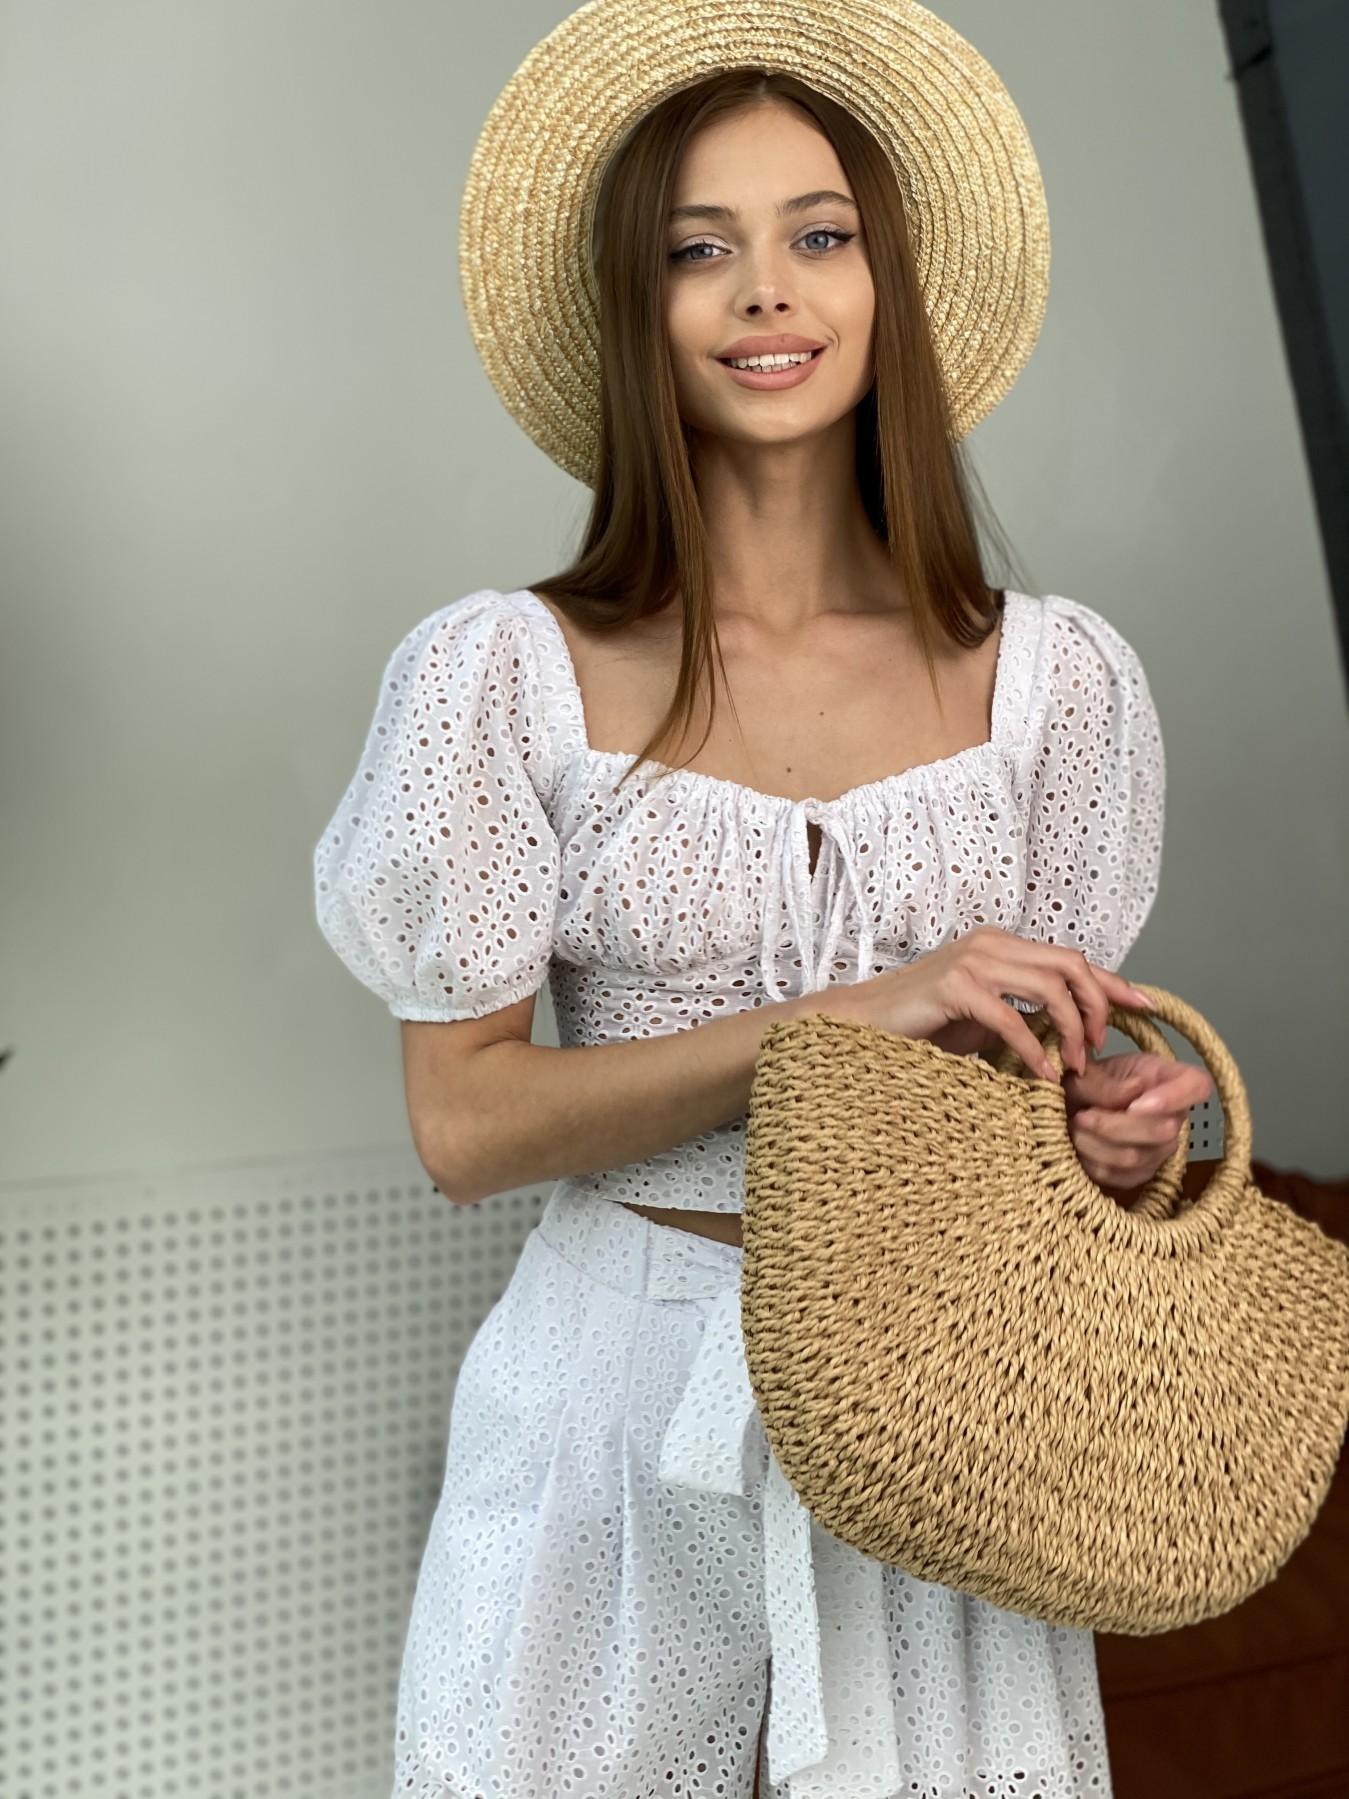 Лагуна  прогулочный костюм из прошвы 11294 АРТ. 48004 Цвет: Белый/МелЦветПерфор - фото 7, интернет магазин tm-modus.ru